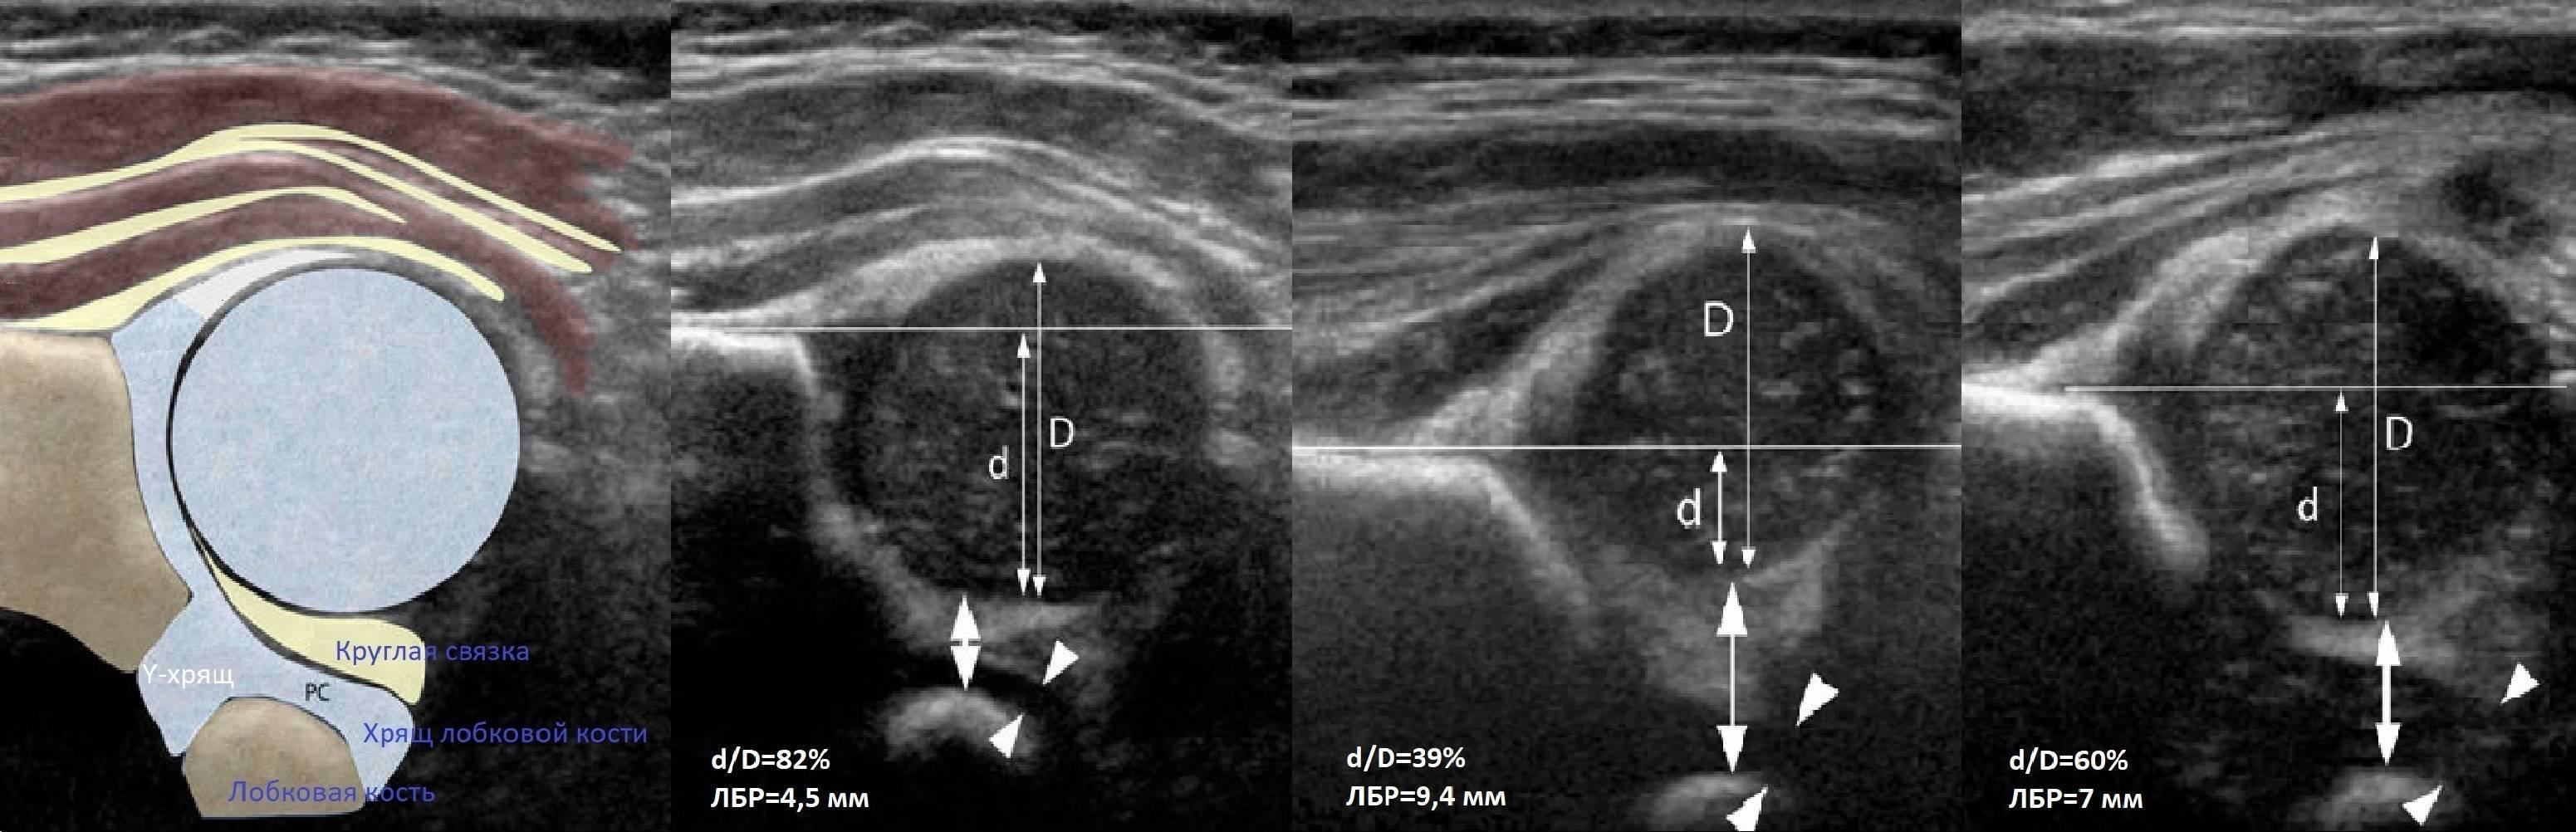 Что показывает узи тазобедренных суставов у грудничков?